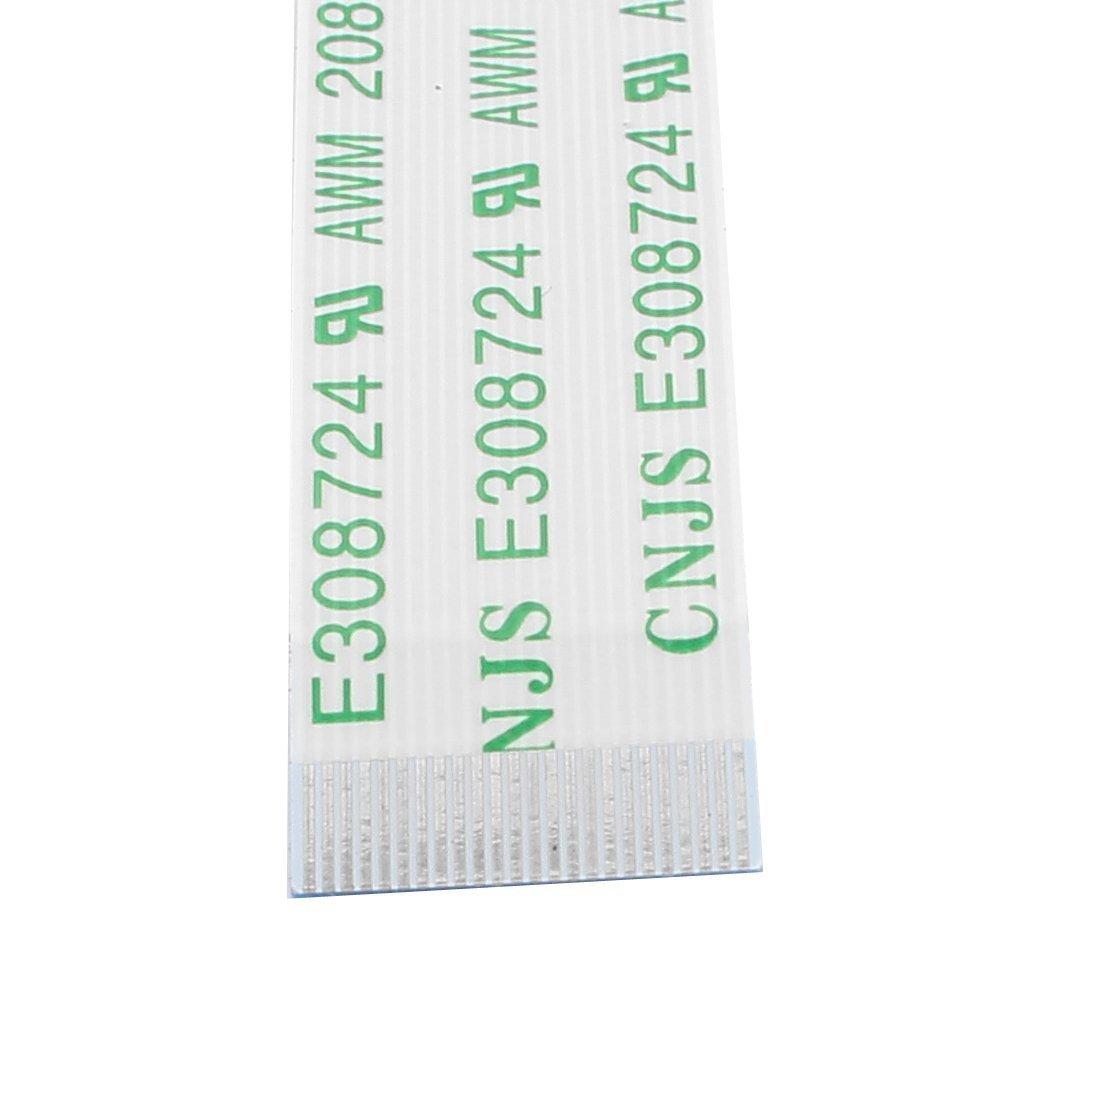 Amazon.com: eDealMax LCD portátil FPC FFC Plana por Cable, 0,5 mm de espaciado, 20 terminales, 200 mm, 5 Piezas: Electronics